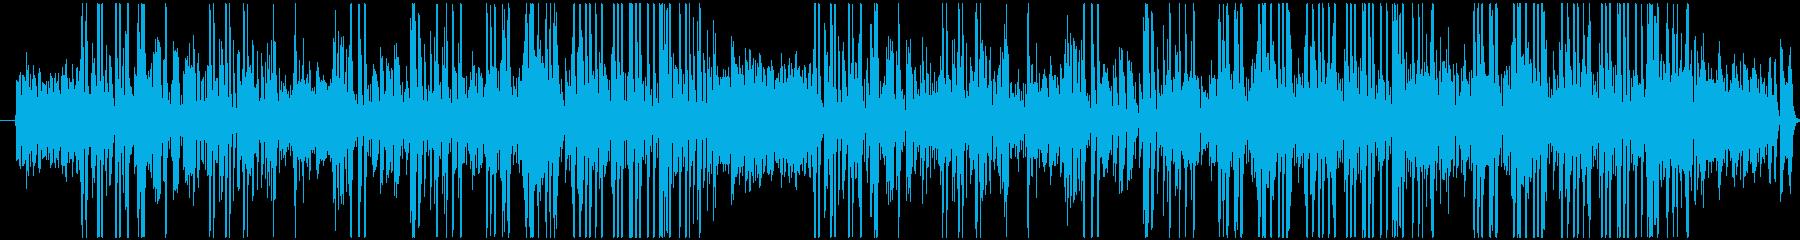 トランペットの音が印象的な愉快な曲調の再生済みの波形